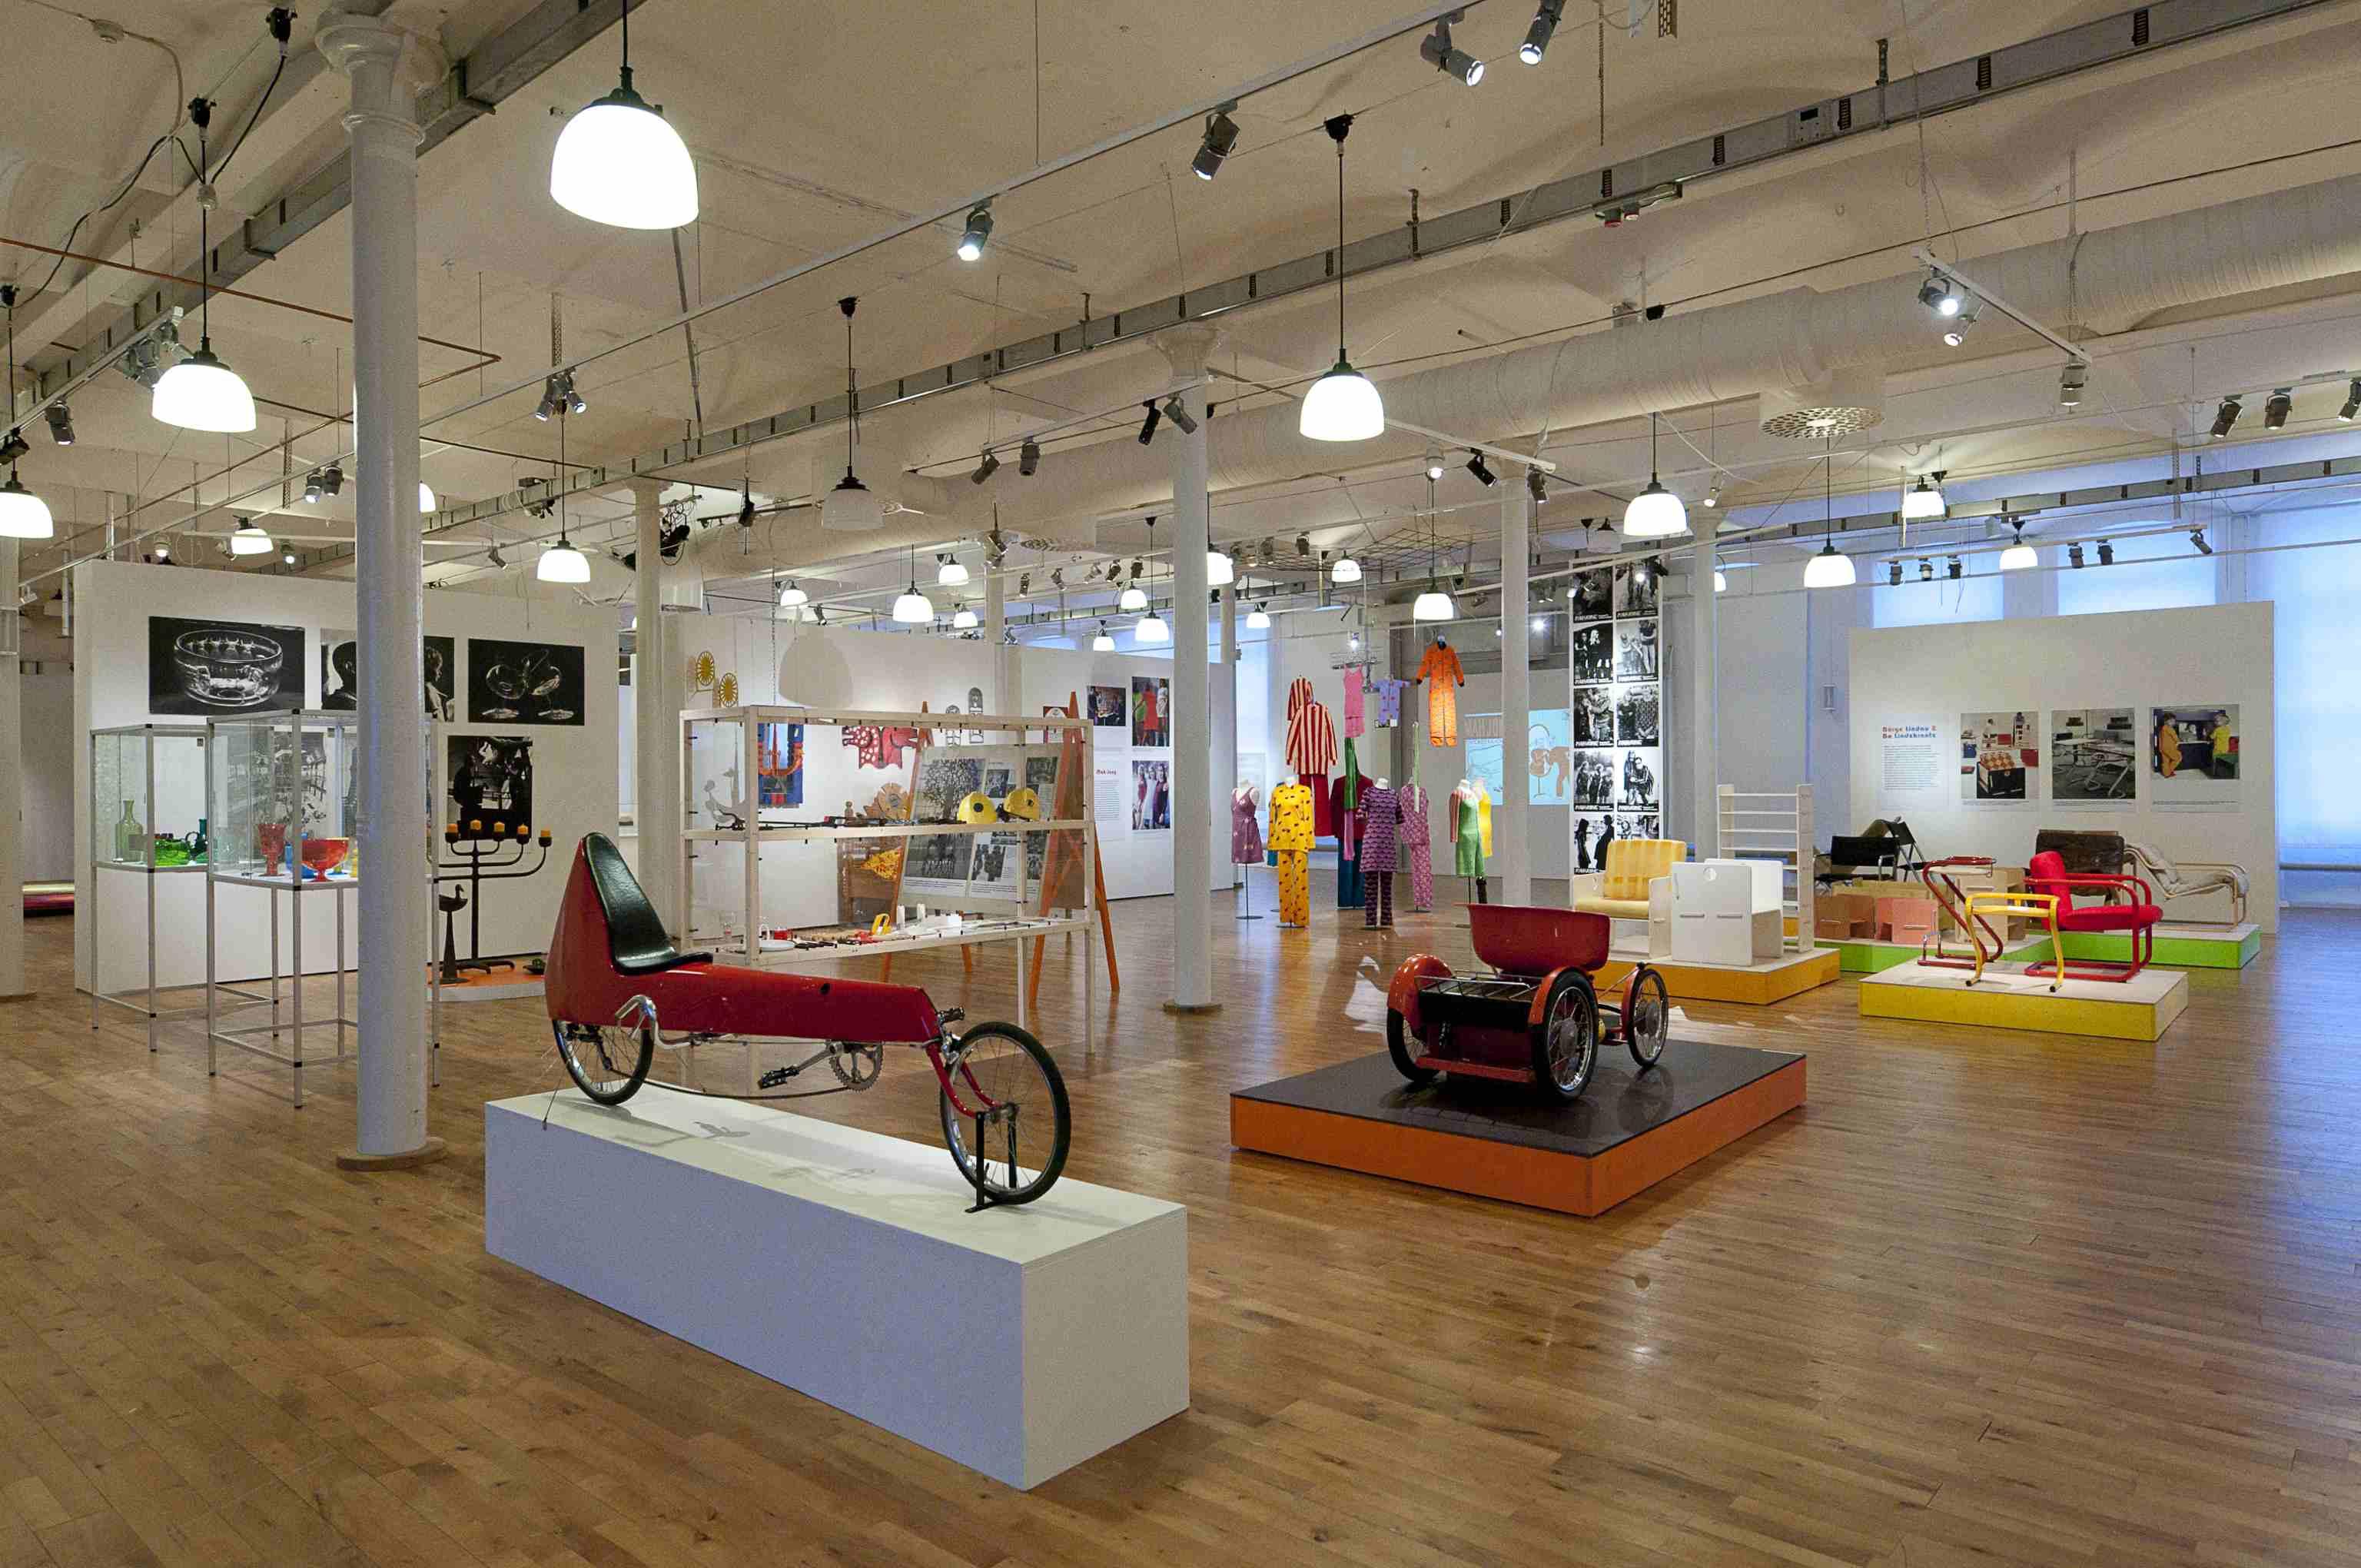 Svenska formrebeller, Textilmuseet i Borås, 2011